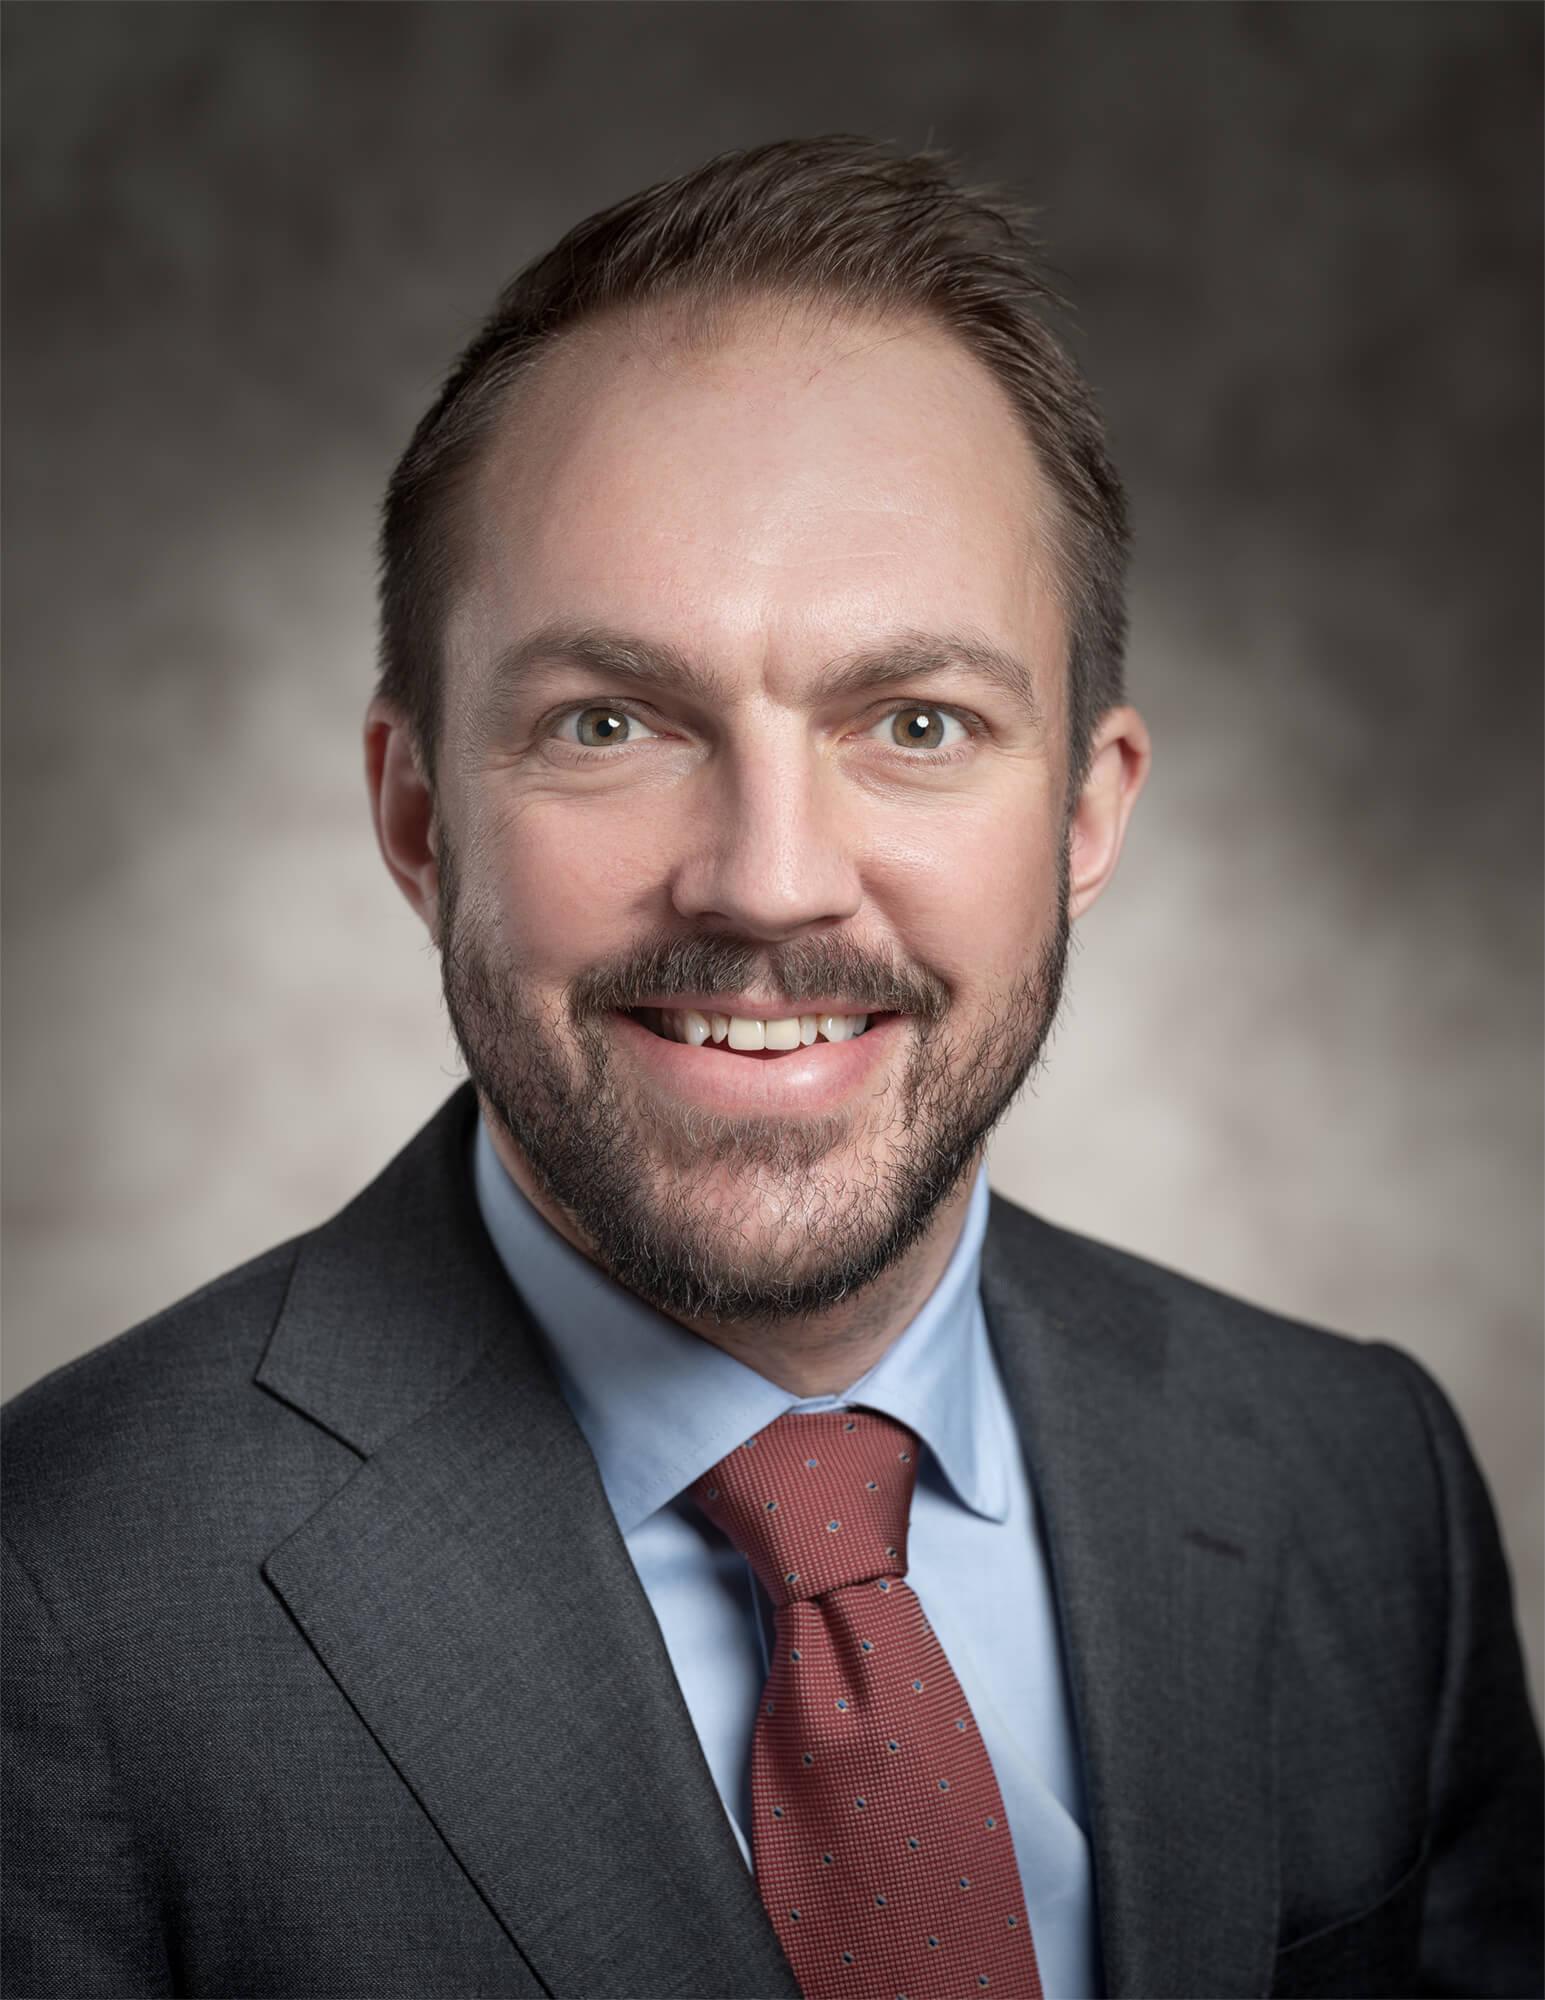 Stephen Hendrickson